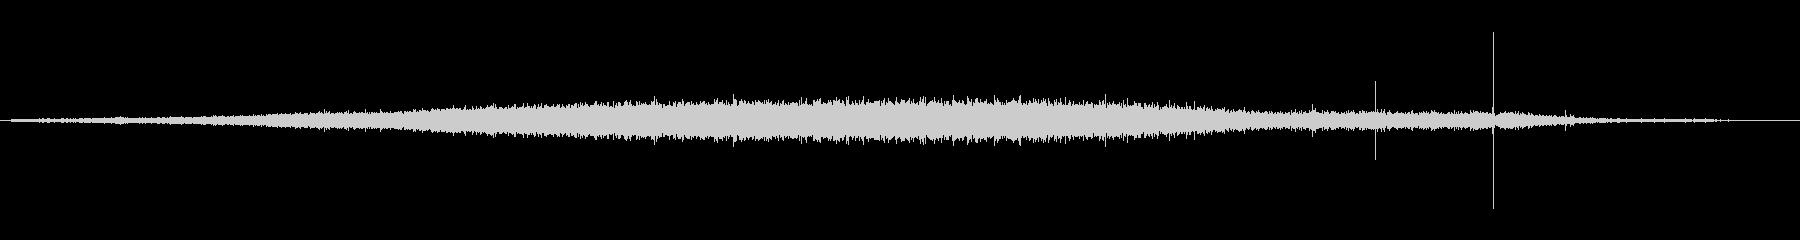 家庭 電気ケトルフルシーケンス01の未再生の波形